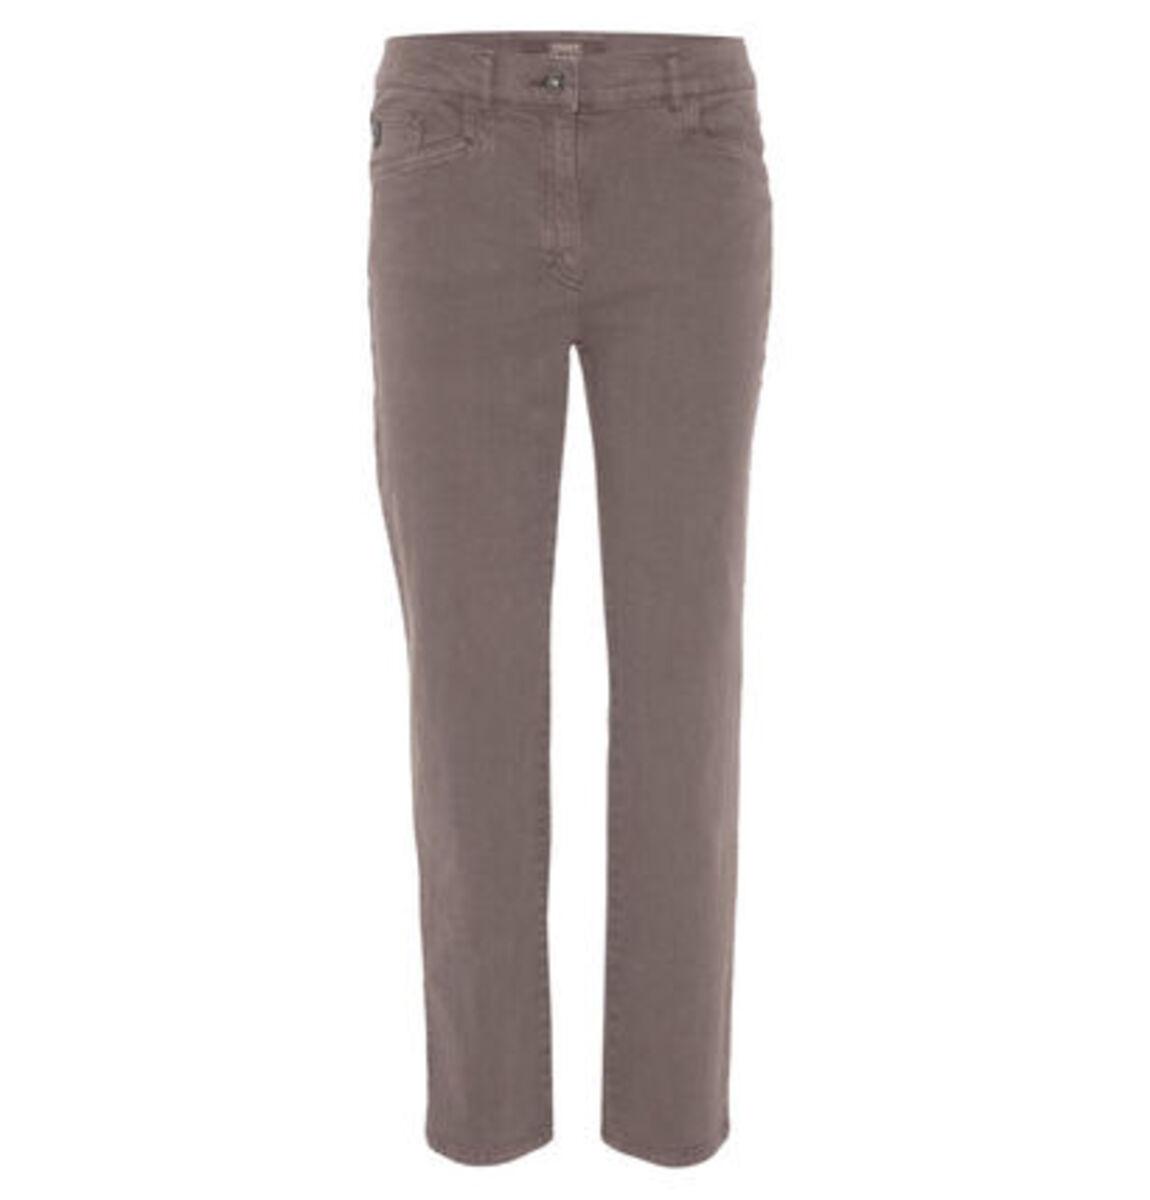 """Bild 1 von Zerres Jeans """"Tina"""", Feminin Fit, gerades Bein"""